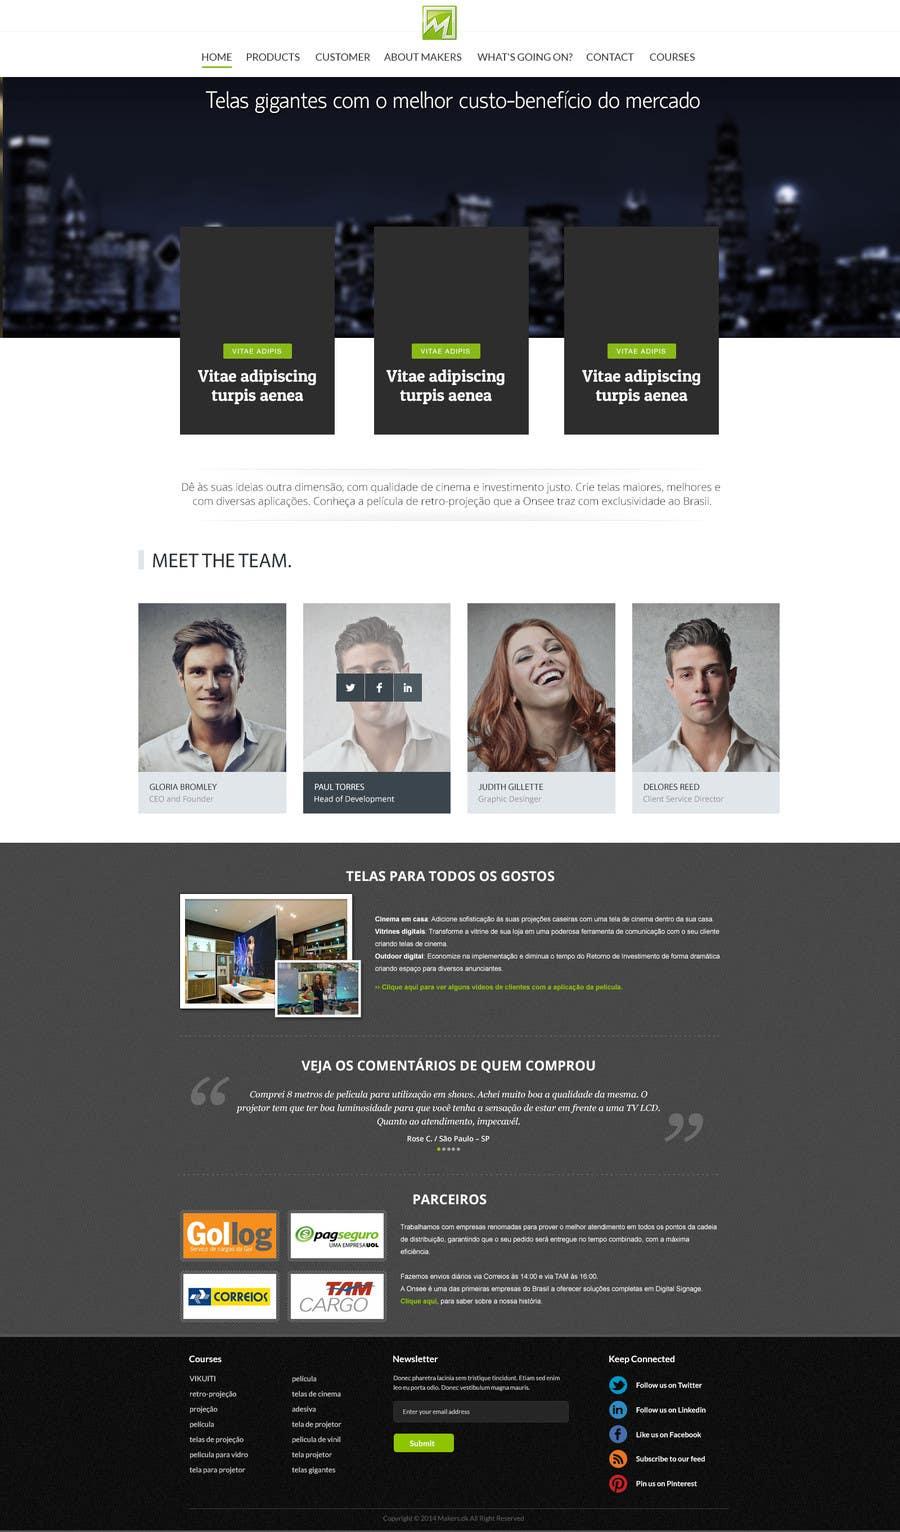 Konkurrenceindlæg #                                        23                                      for                                         Design a Website Mockup for http://makers.dk